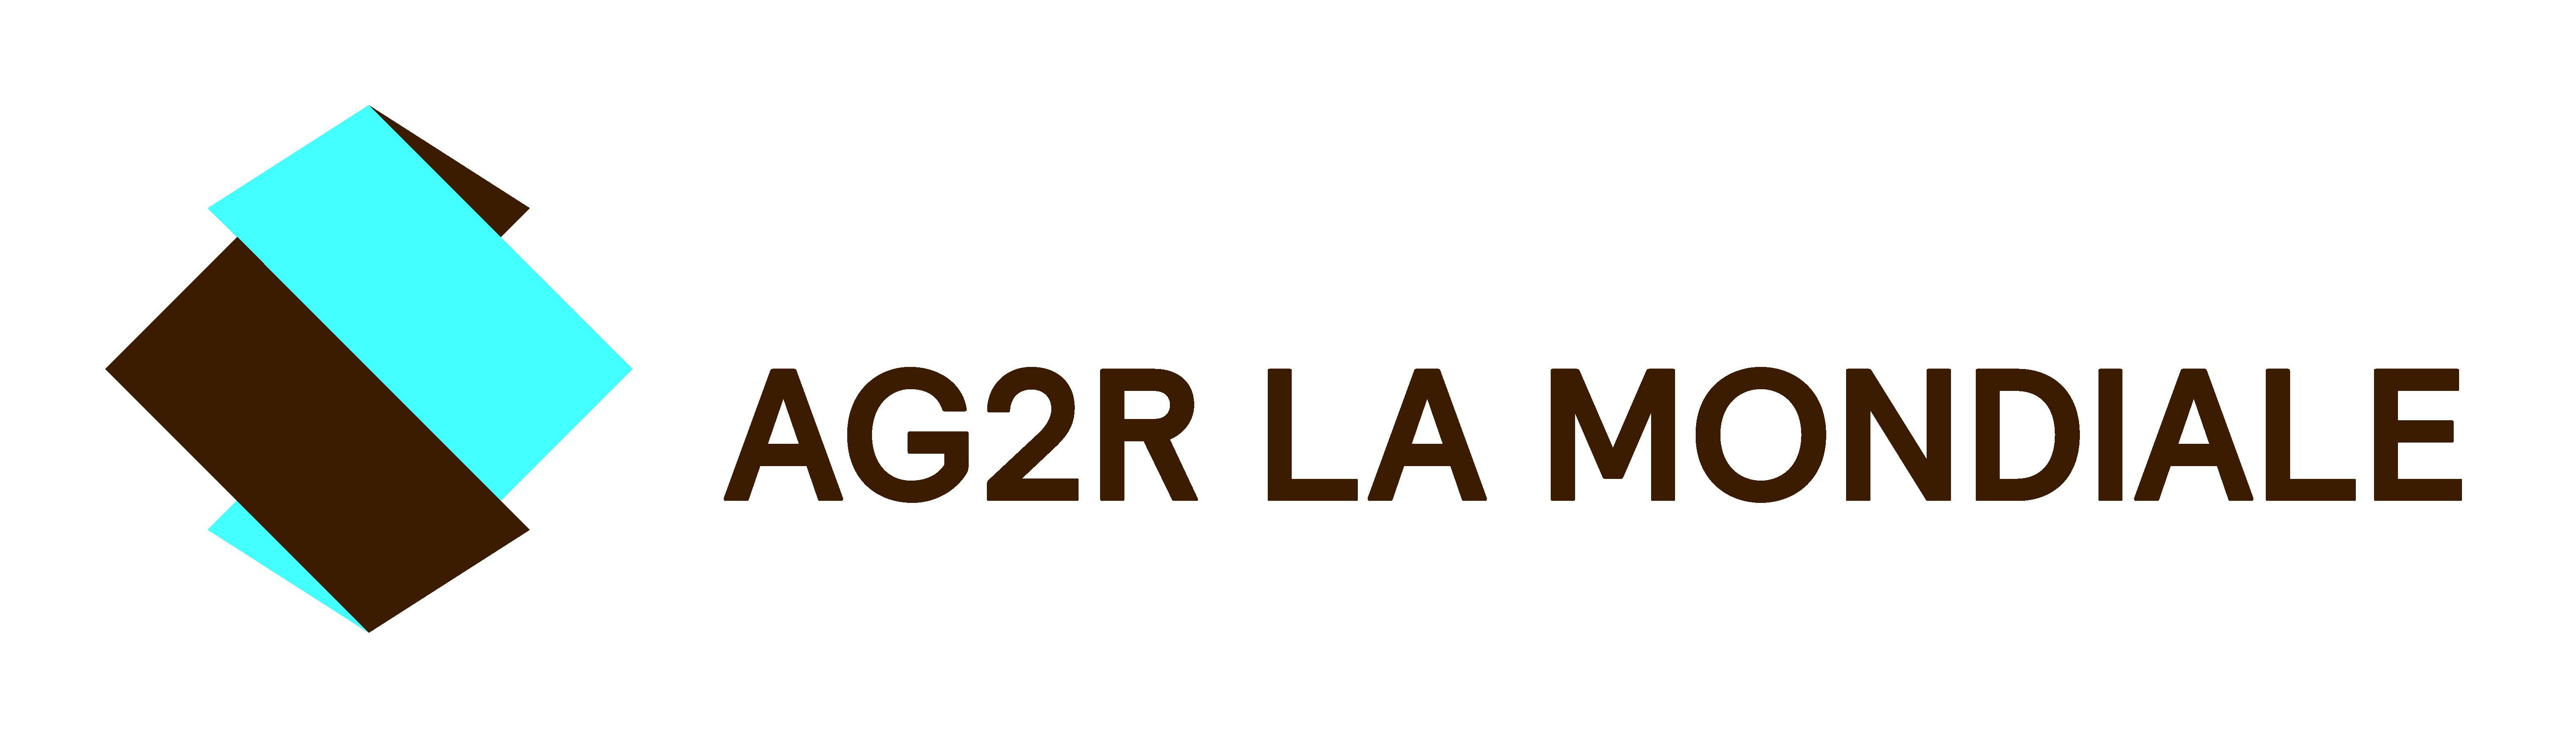 AG2R new